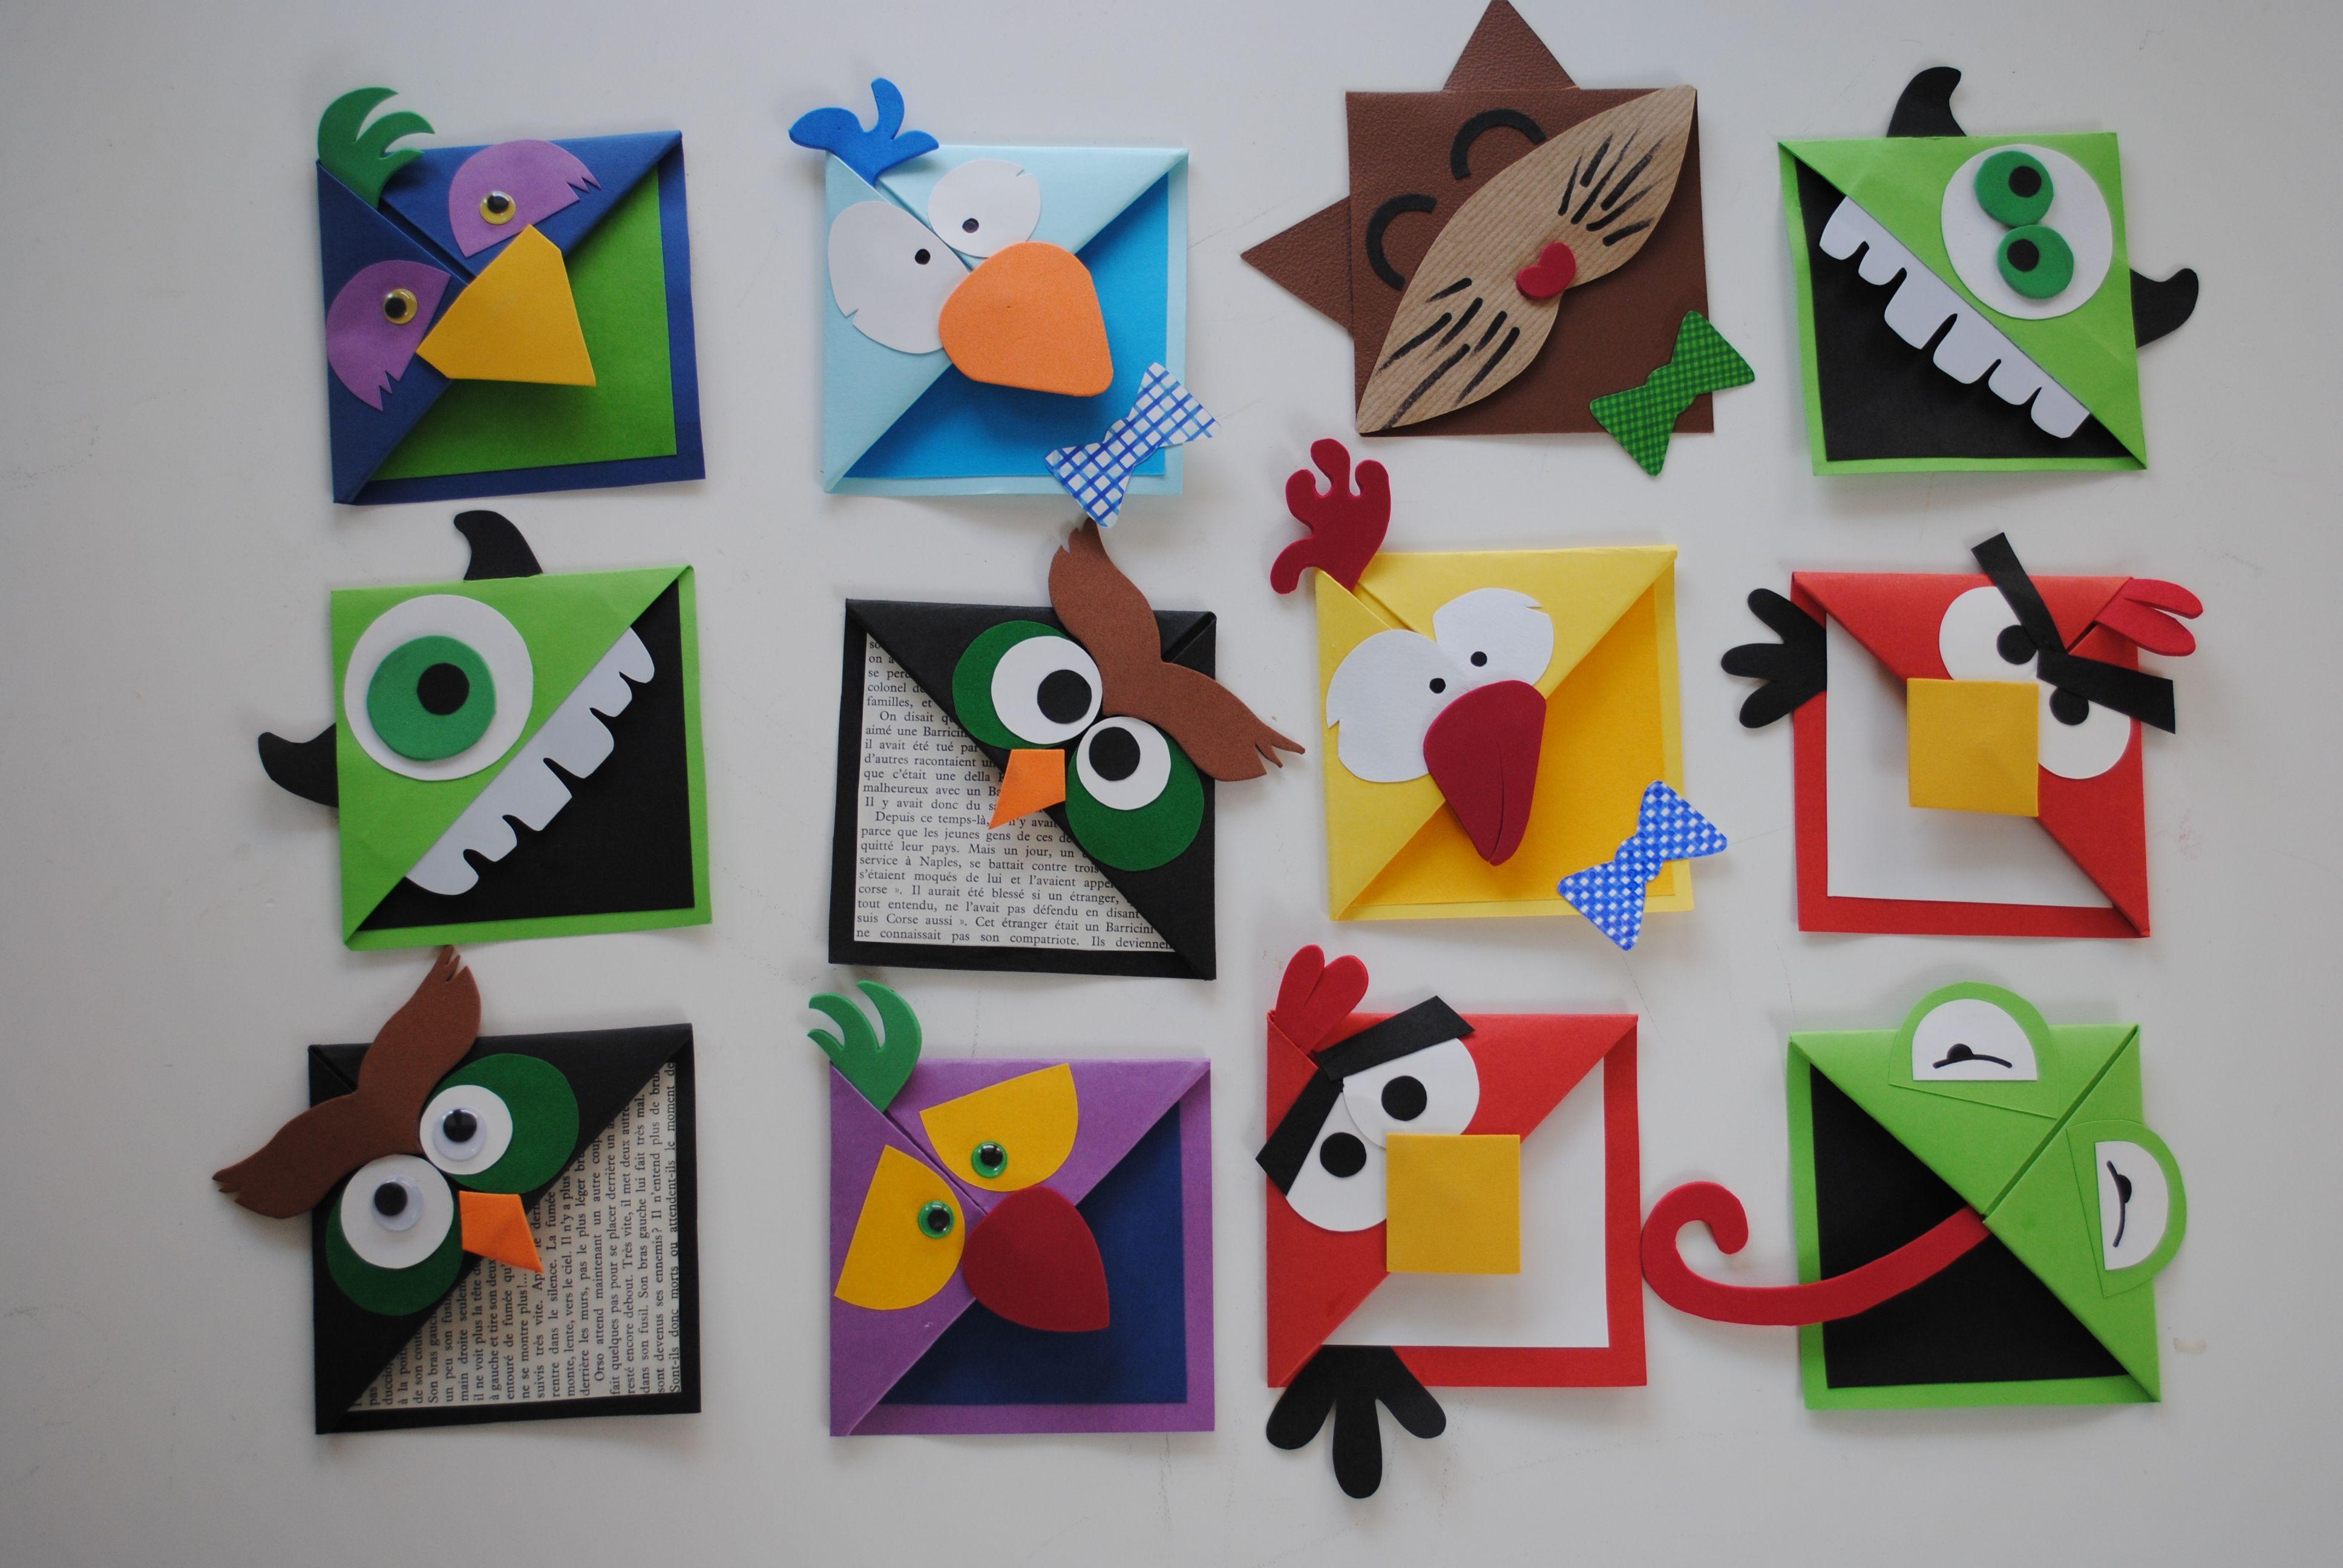 Segnalibro Bambini ~ Asinelli creatividea bimbi segnalibri segnalibro